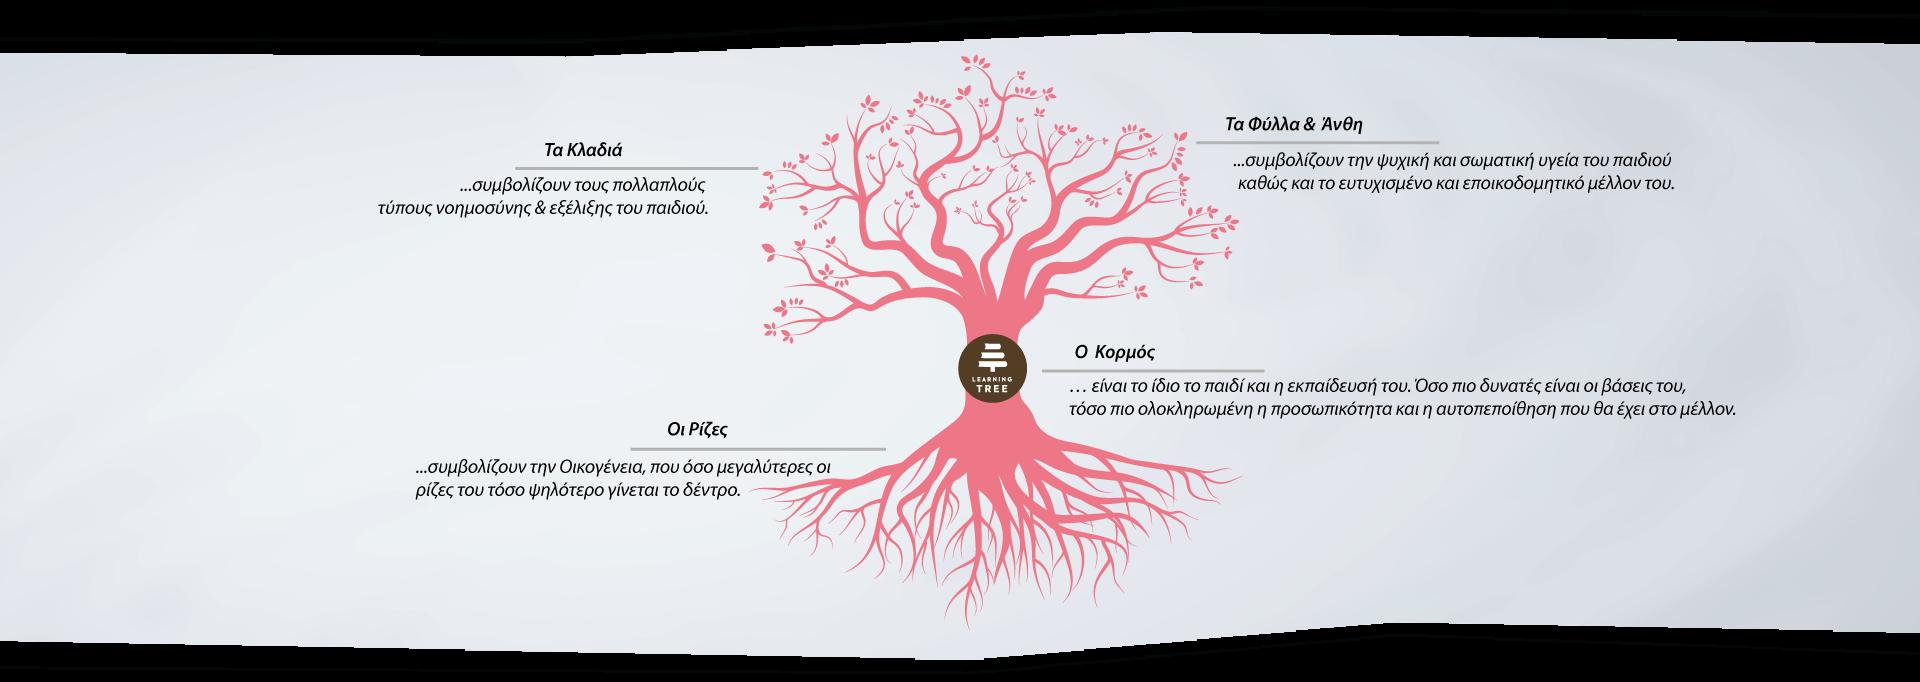 Παιδικός Σταθμός Learning Tree - Παλλήνη | Paidikos Stathmos Pallini,  Learningtree, Παλλήνη, Pallini, Palini, Παλήνη, Πρότυπος Παιδικός Σταθμός, Εργαστήρια Δημιουργικής Απασχόλησης, Παιδικός Πολυχώρος, πολυχώρος δραστηριότητας νηπίων